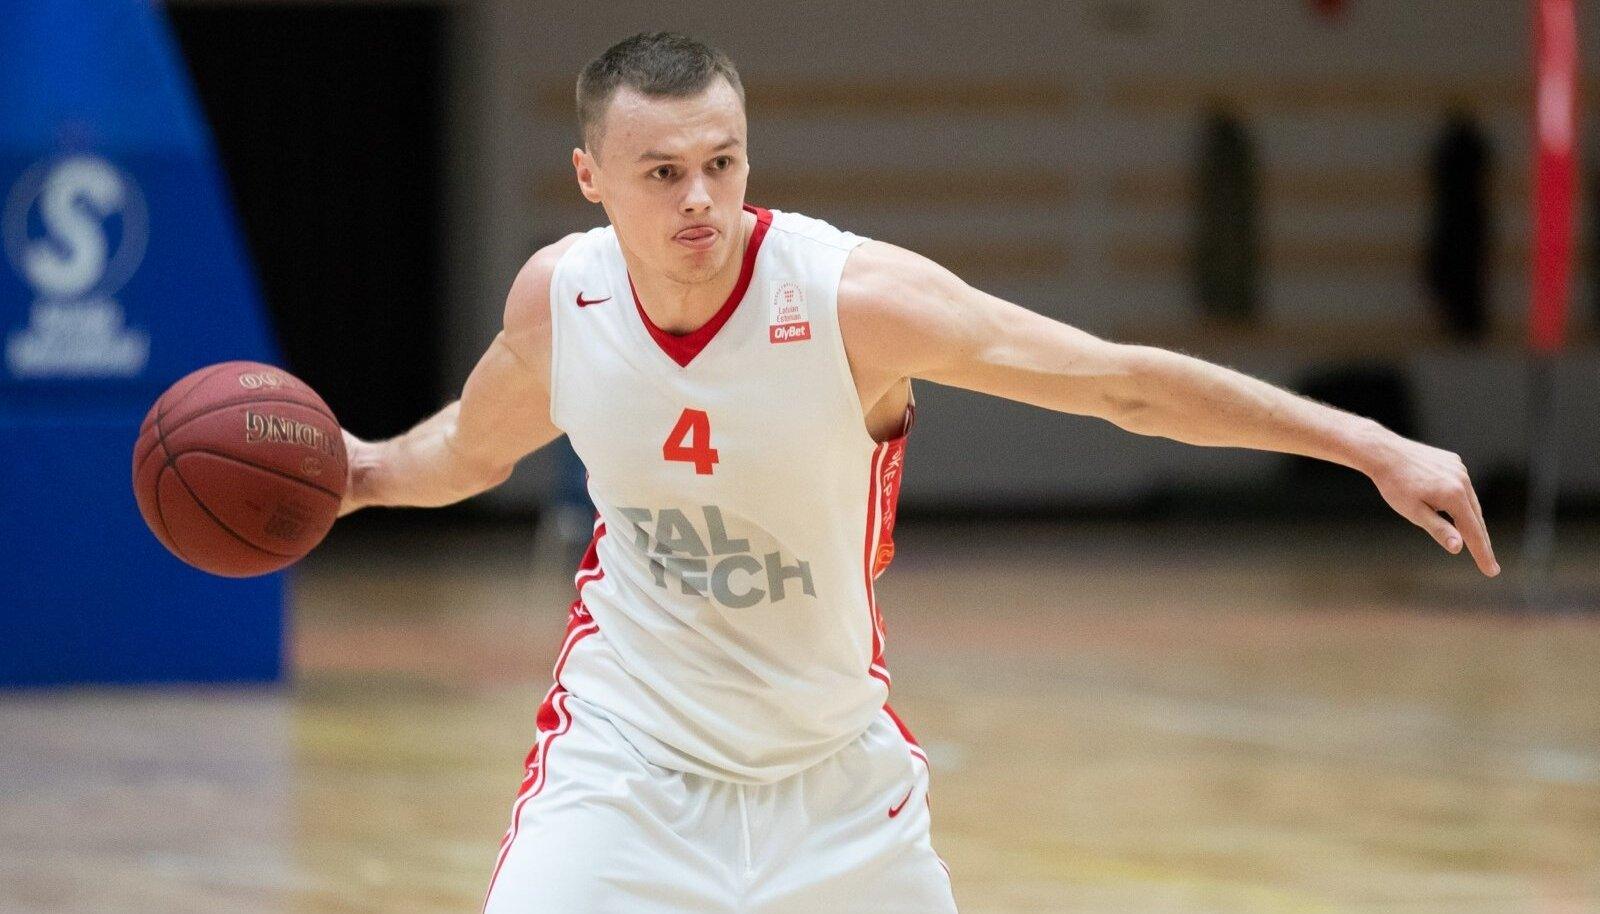 Korvpalli Eesti meistriliiga esimene poolfinaalseeria, kus Tallinna Kalev/TLÜ alistas põneva lahingu järel võõrsil TalTechi 78:75